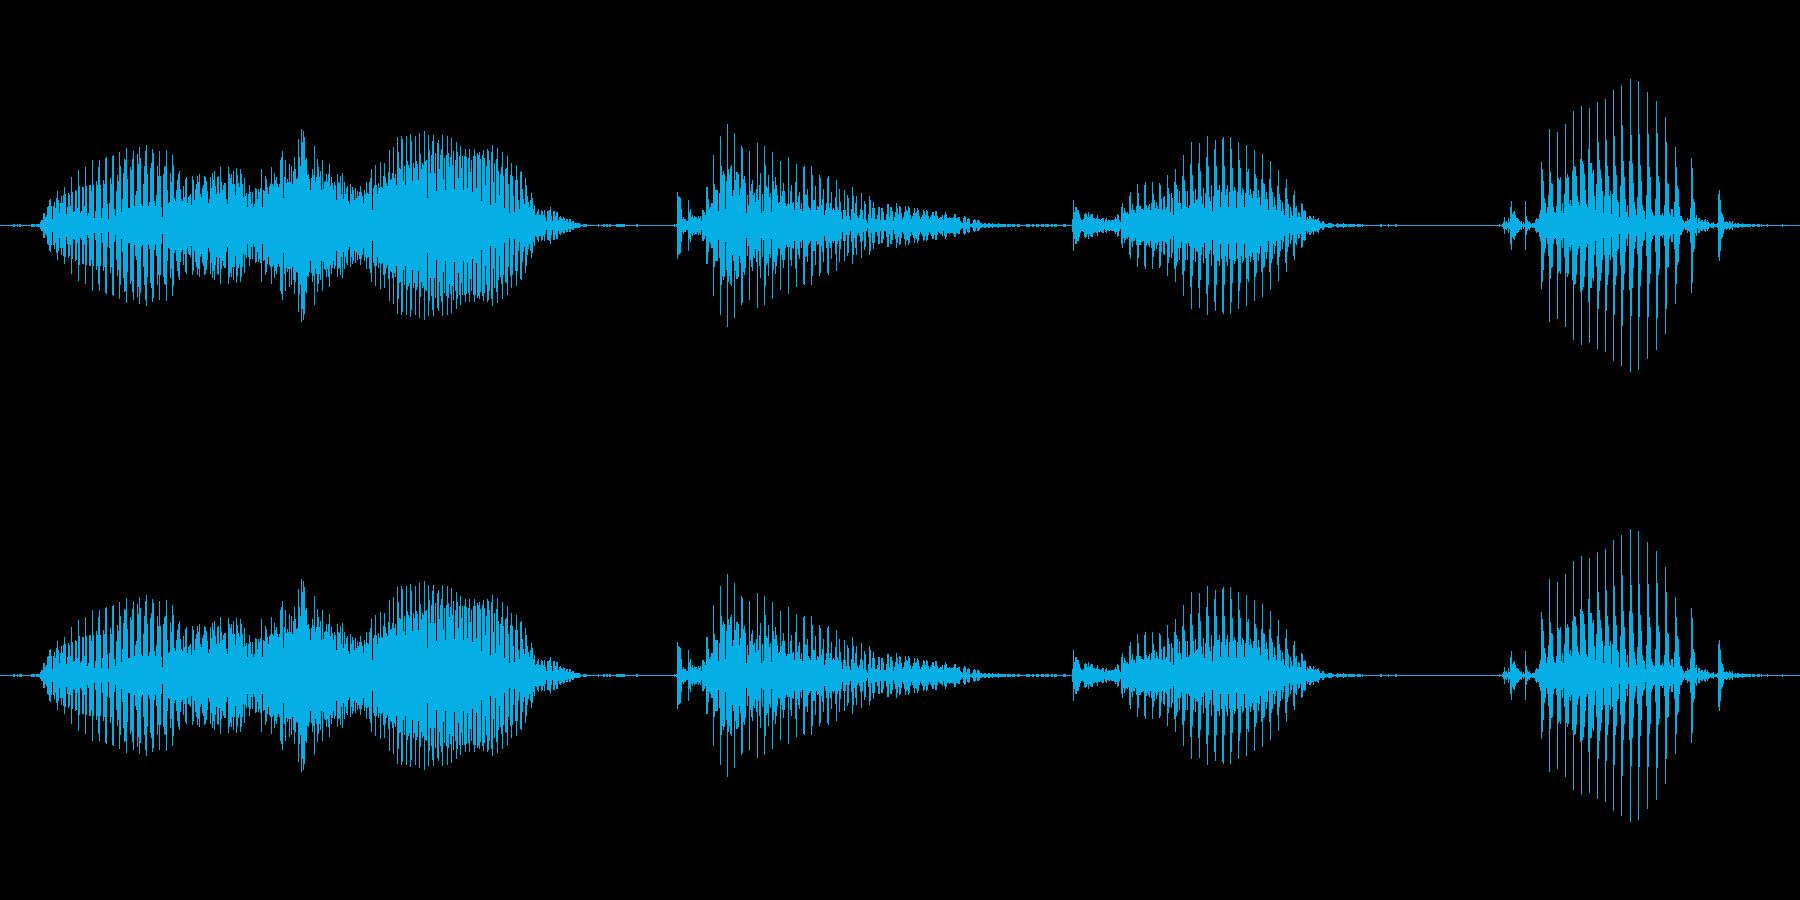 【日数・経過】2週間経過の再生済みの波形